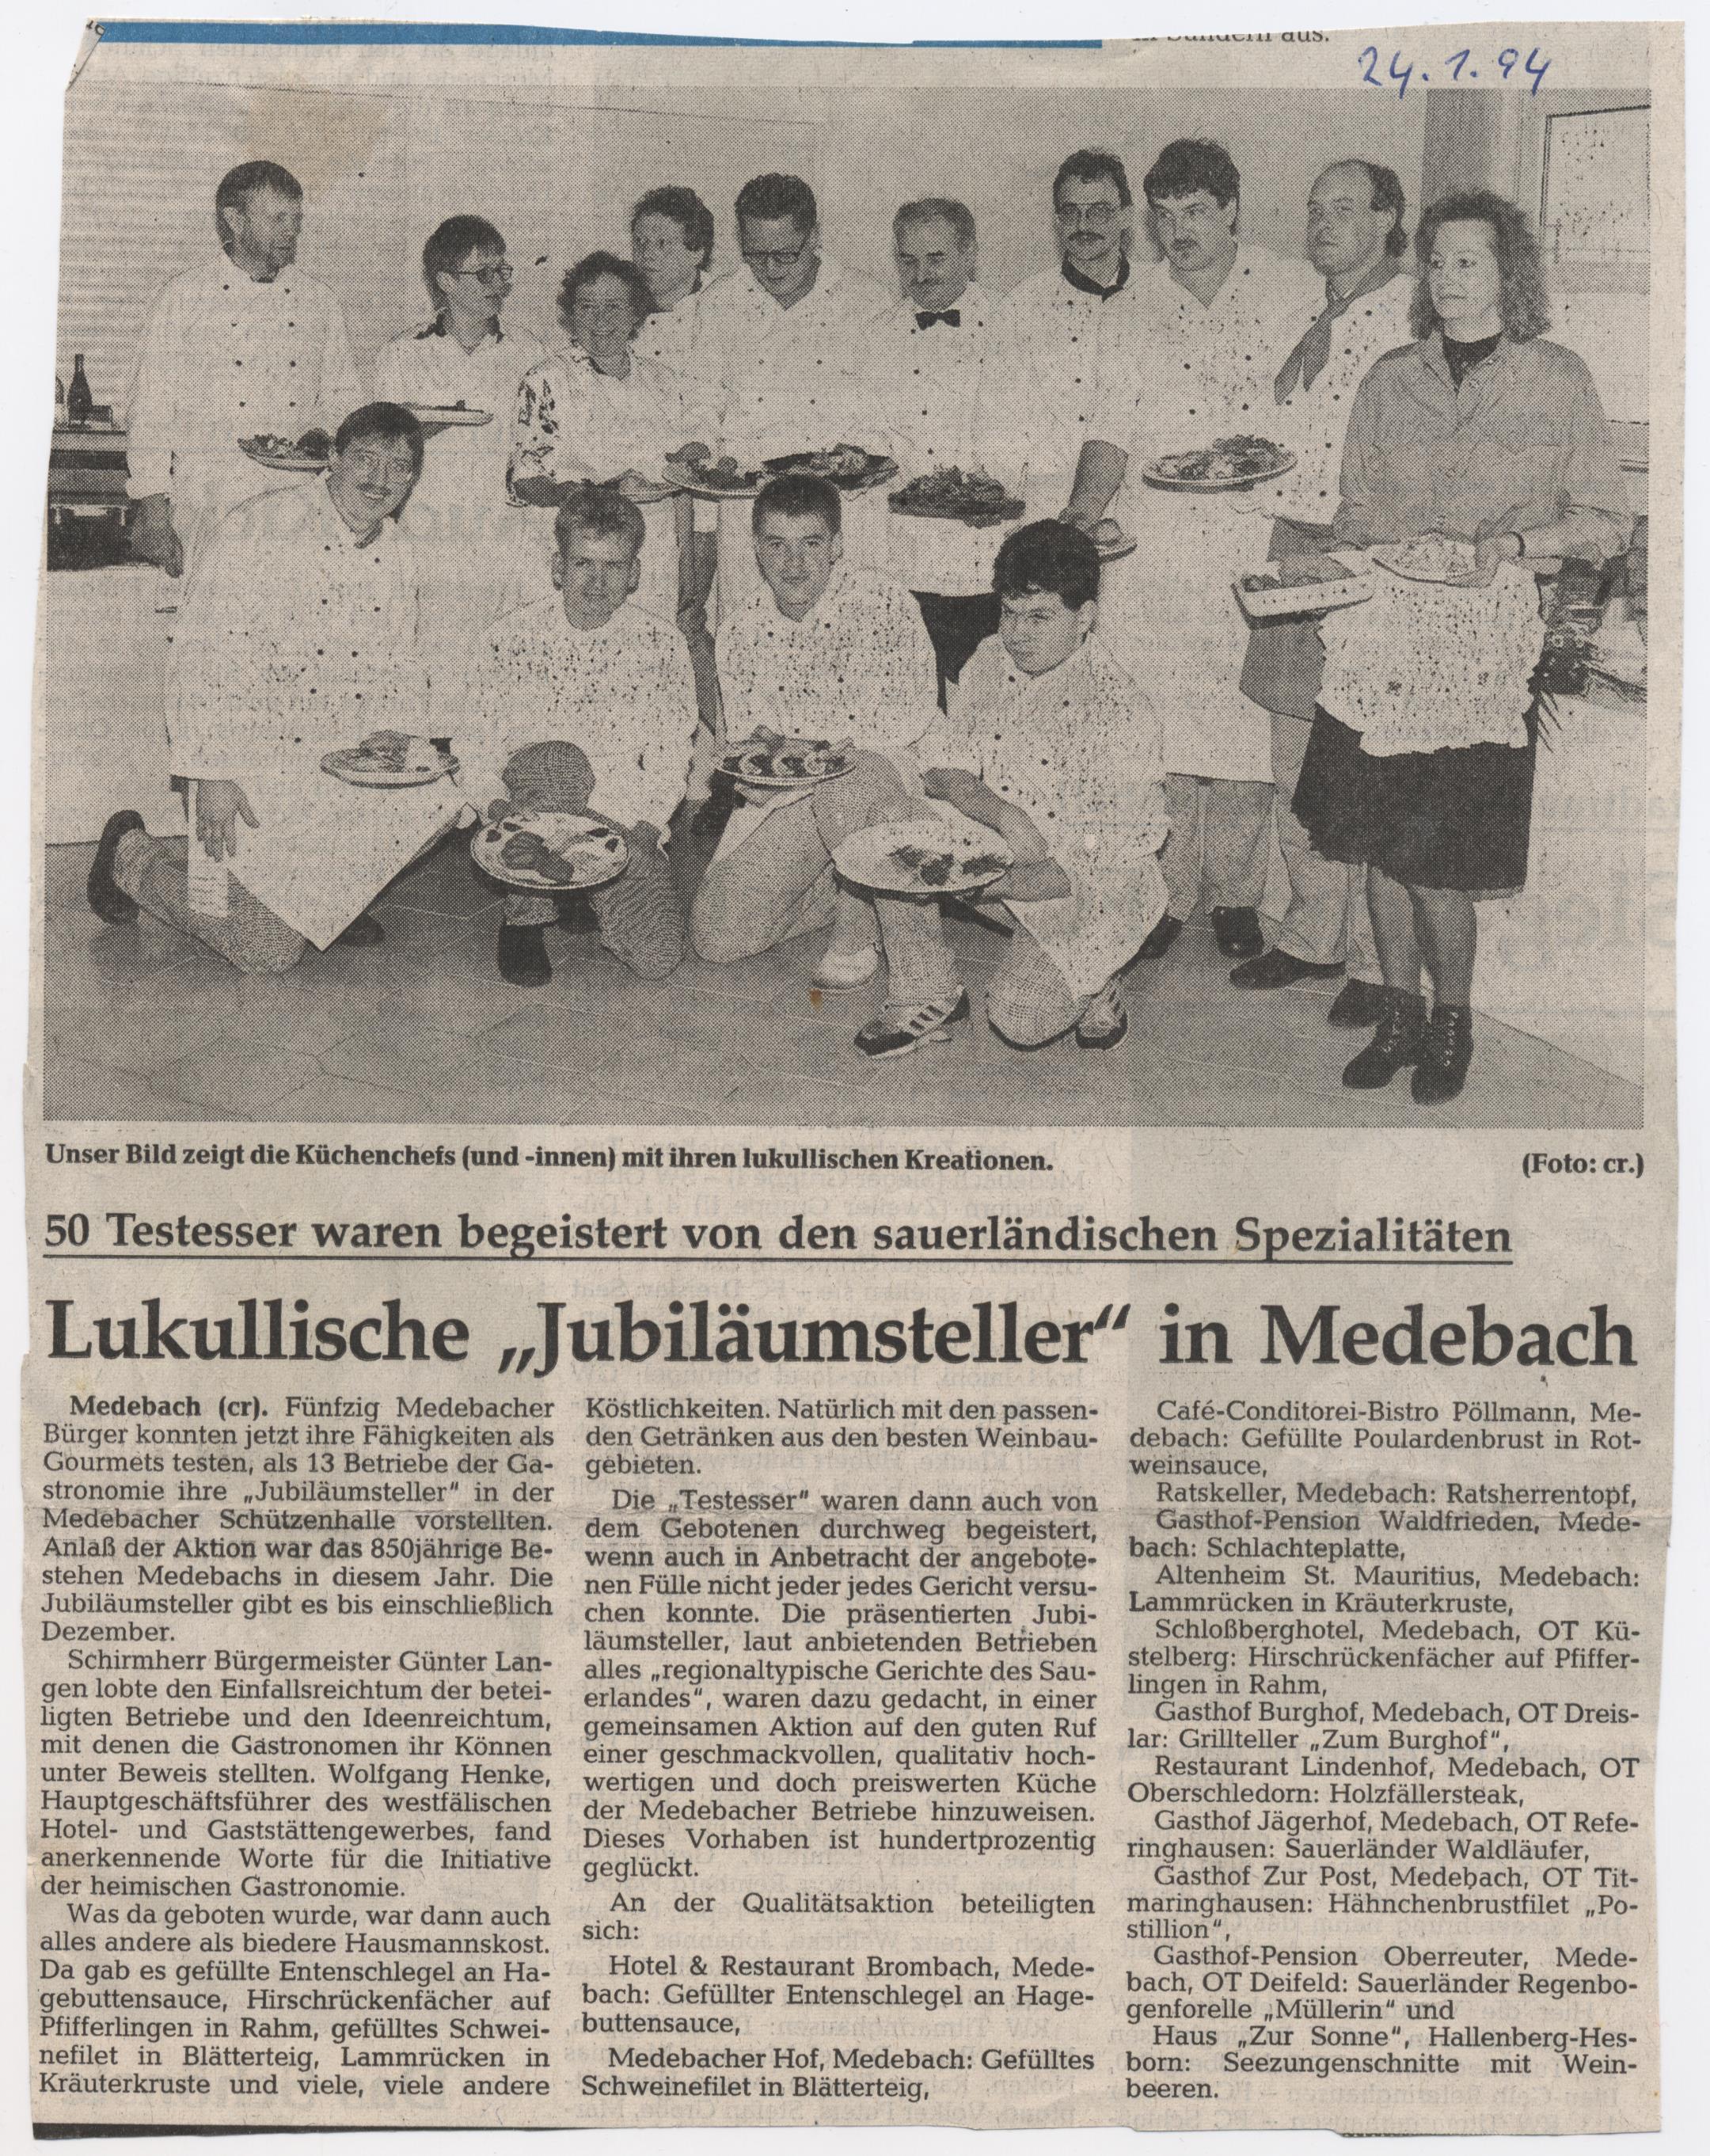 Jubiläumsteller in Medebach